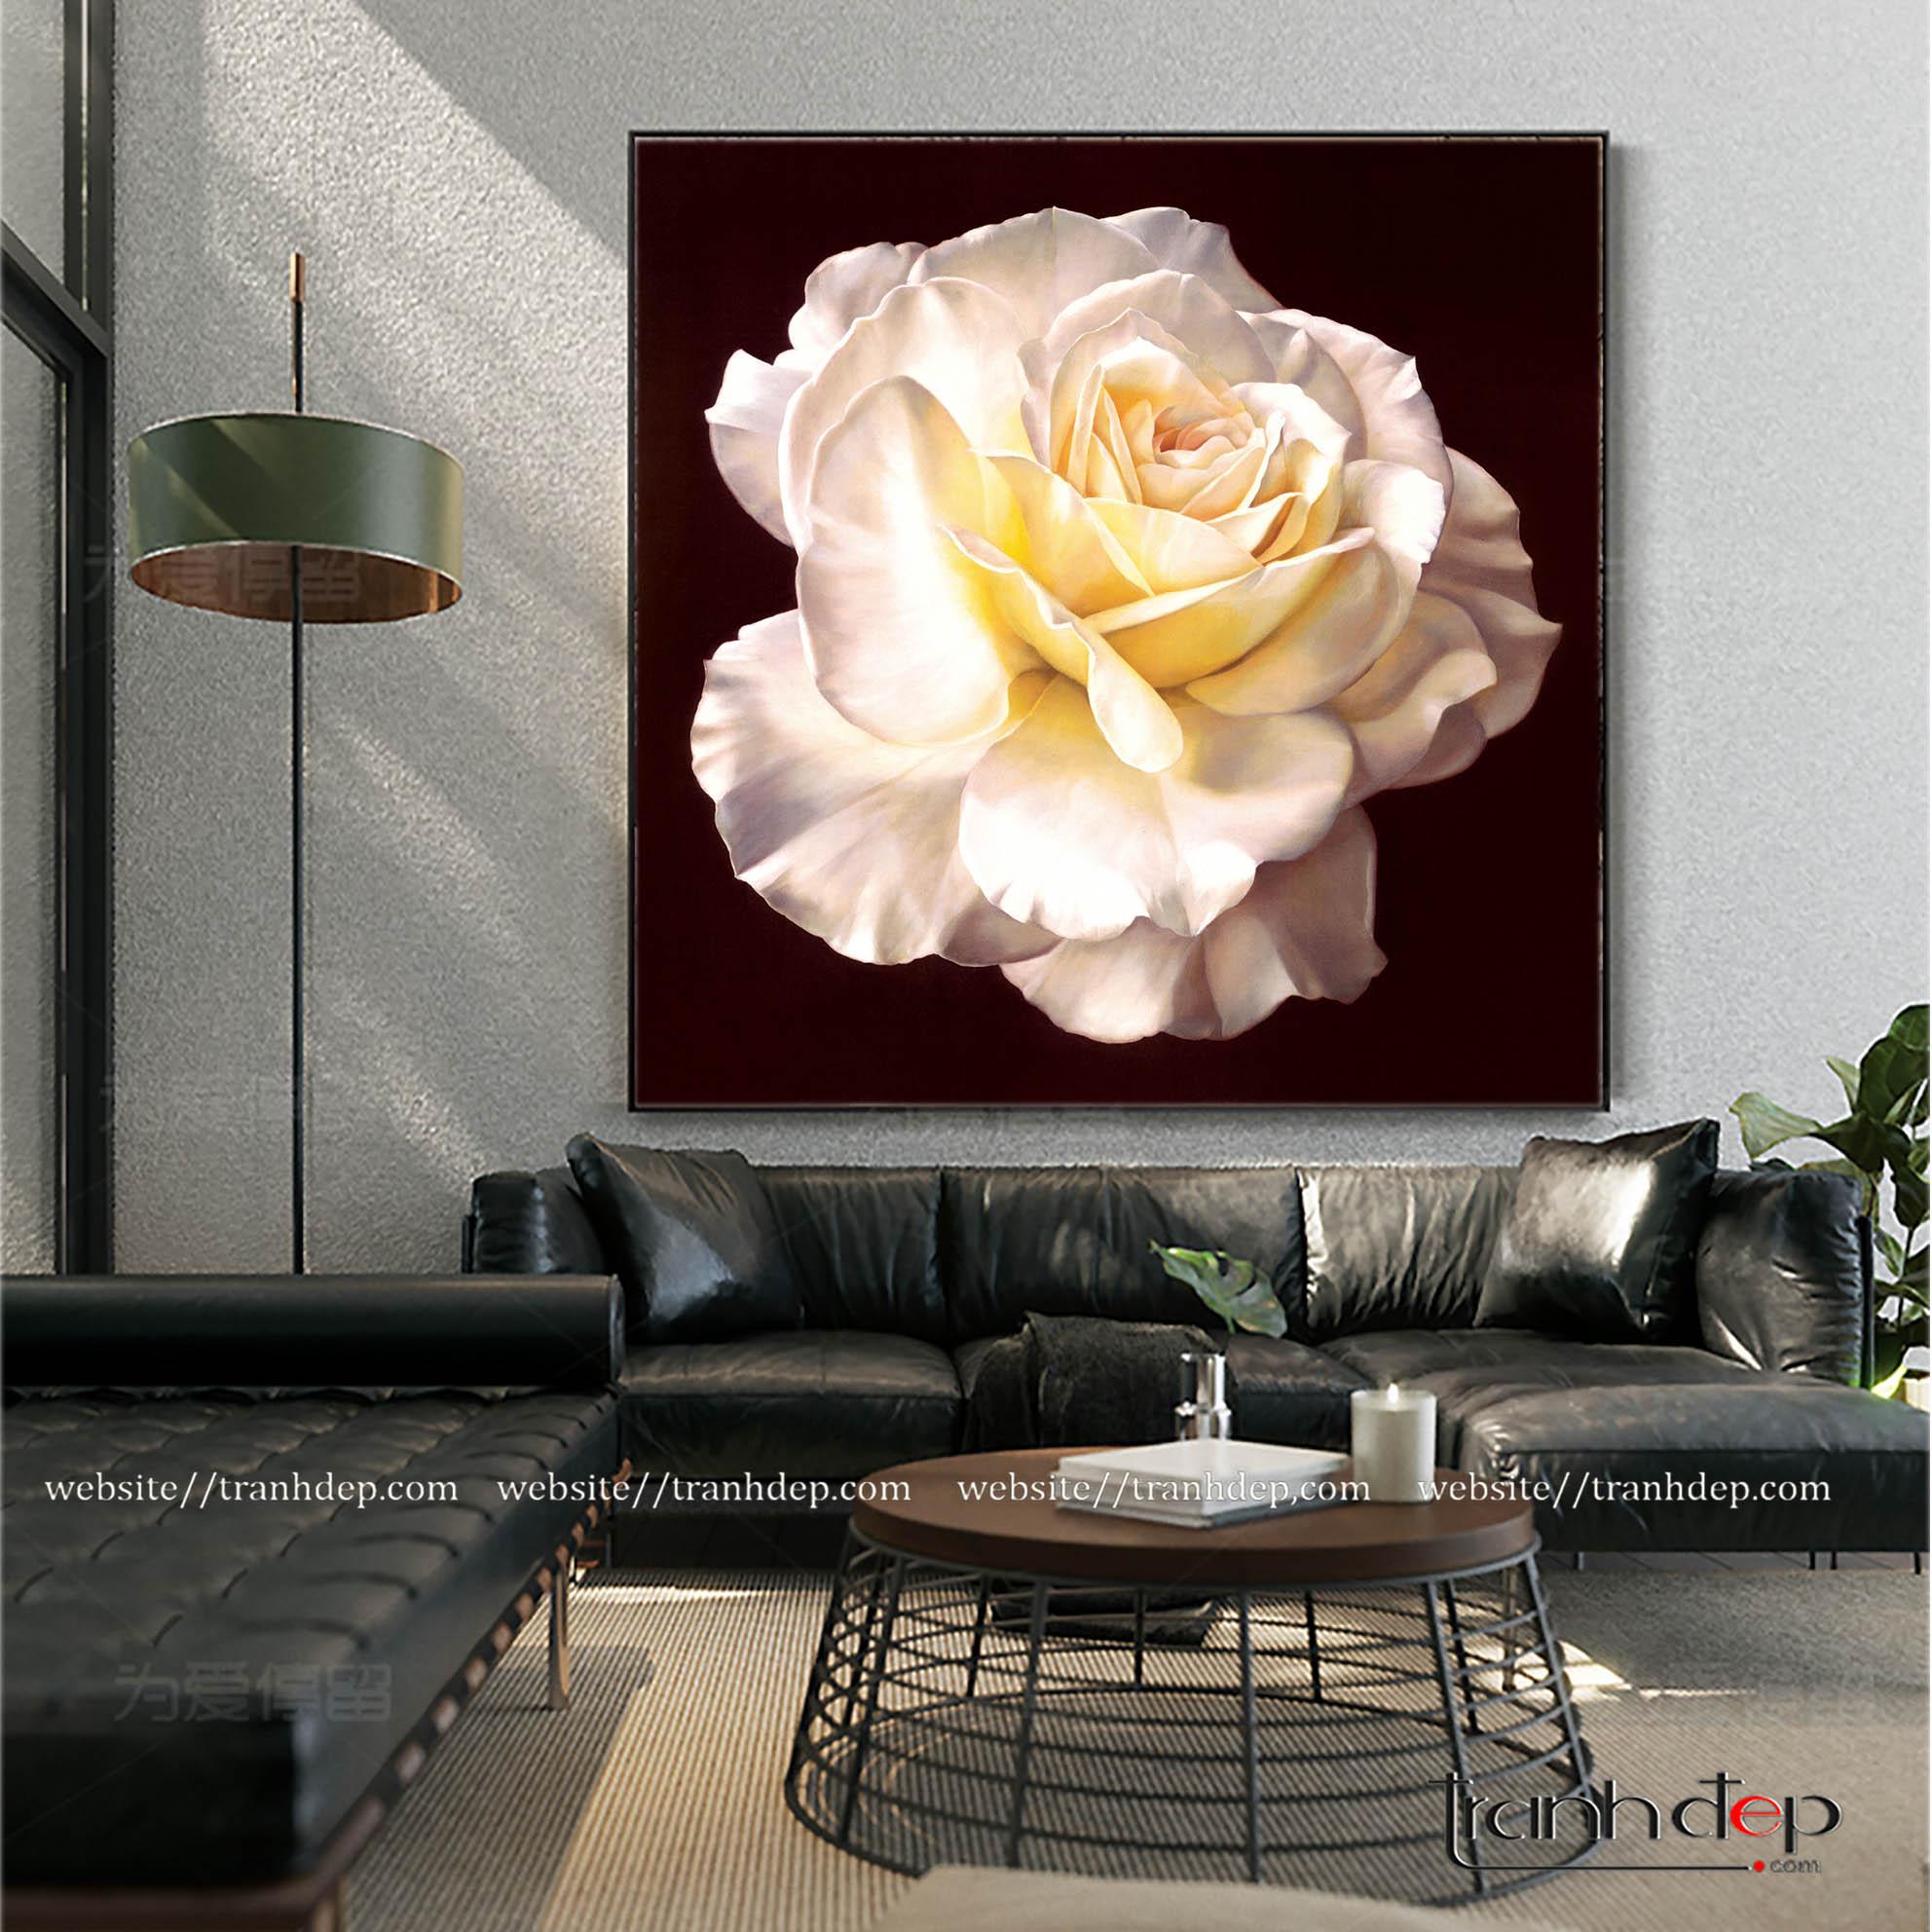 Tranh sơn dầu hoa hồng trắng treo tường